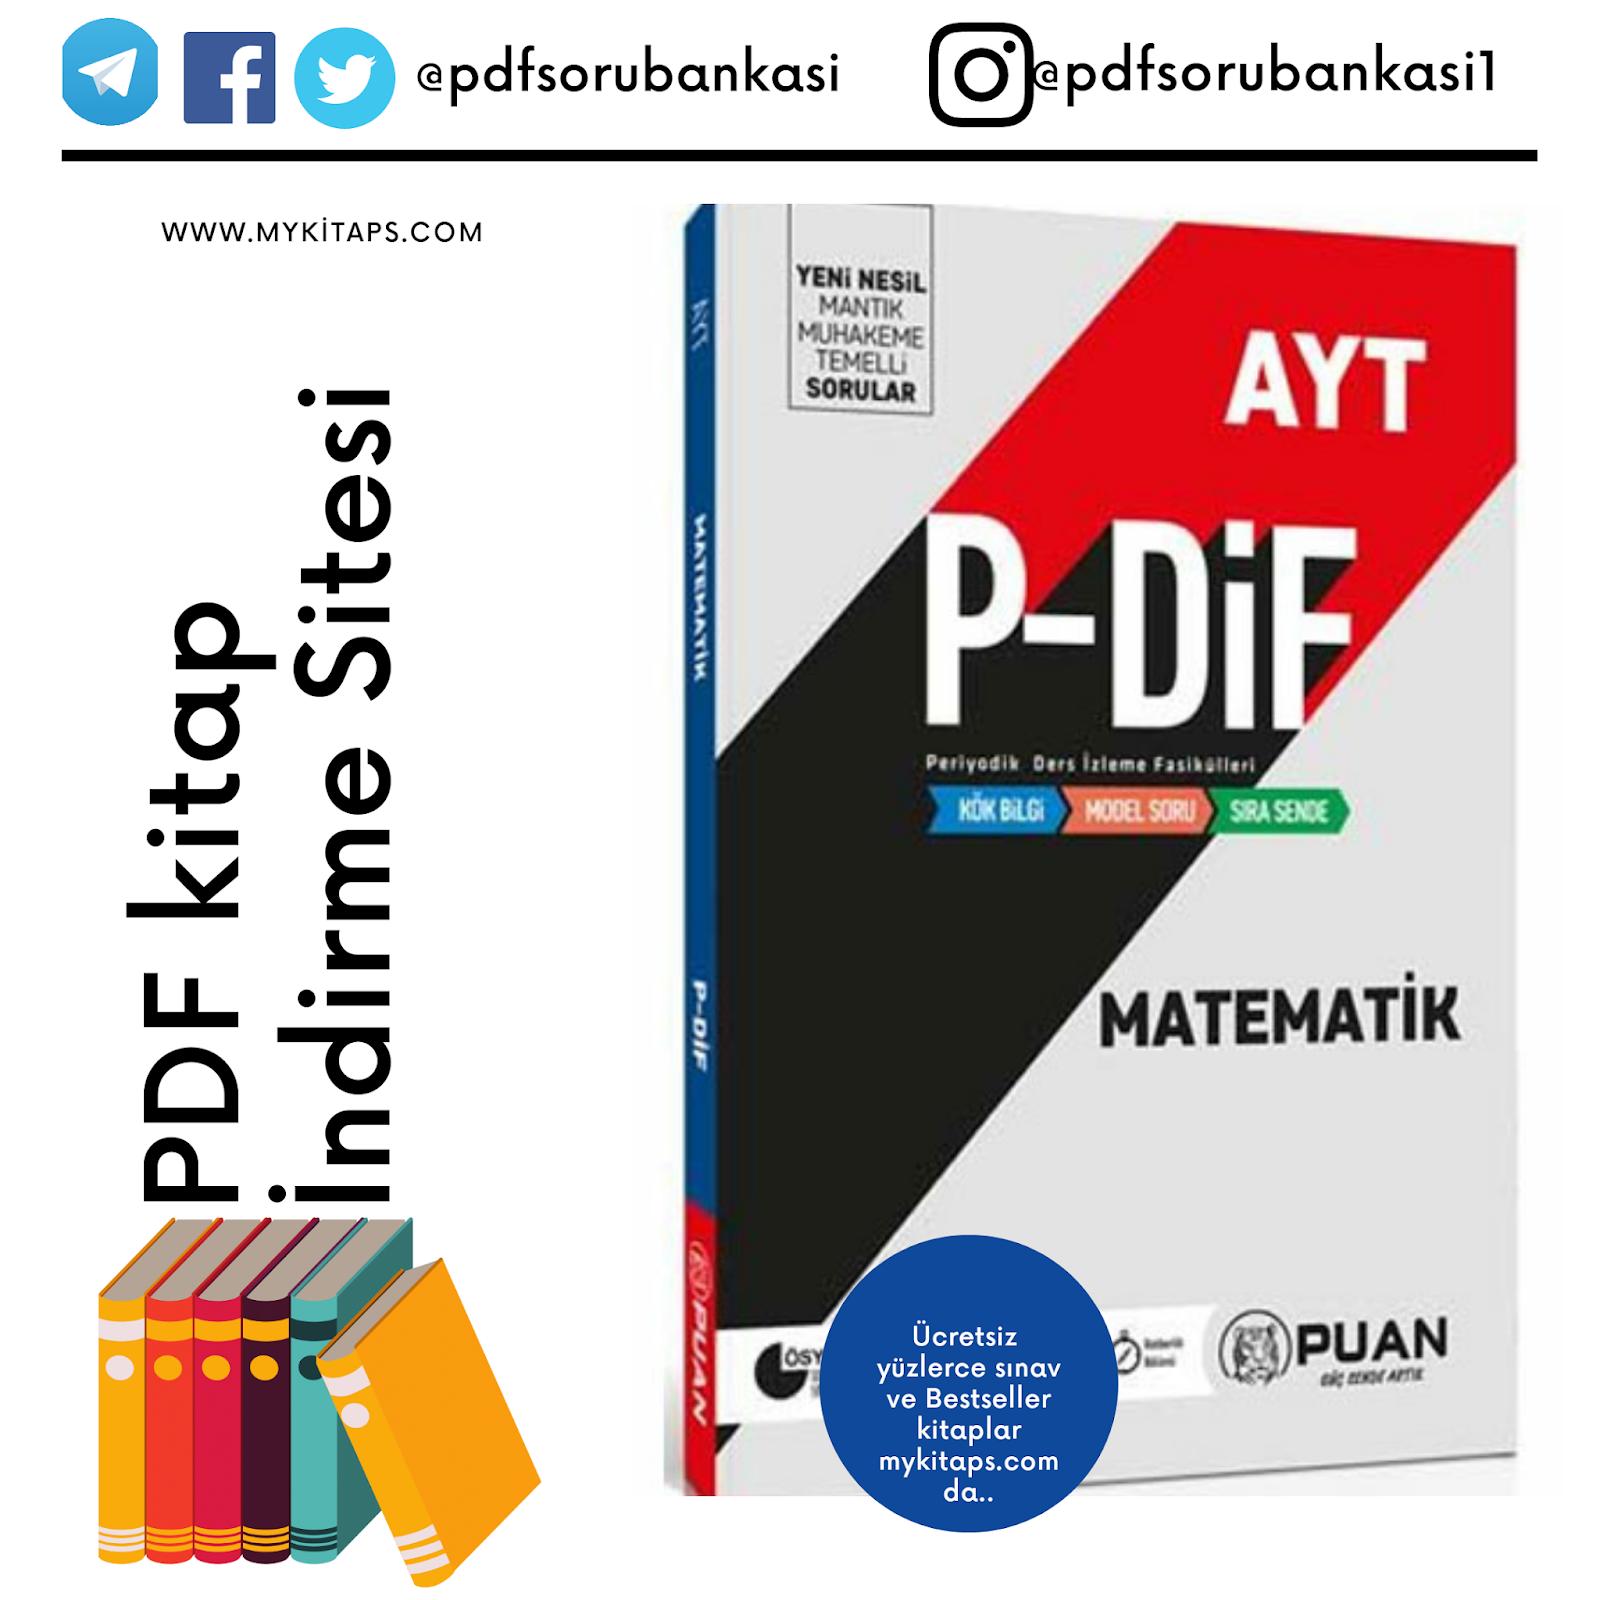 AYT Matematik PDİF Konu Anlatım Fasikülleri